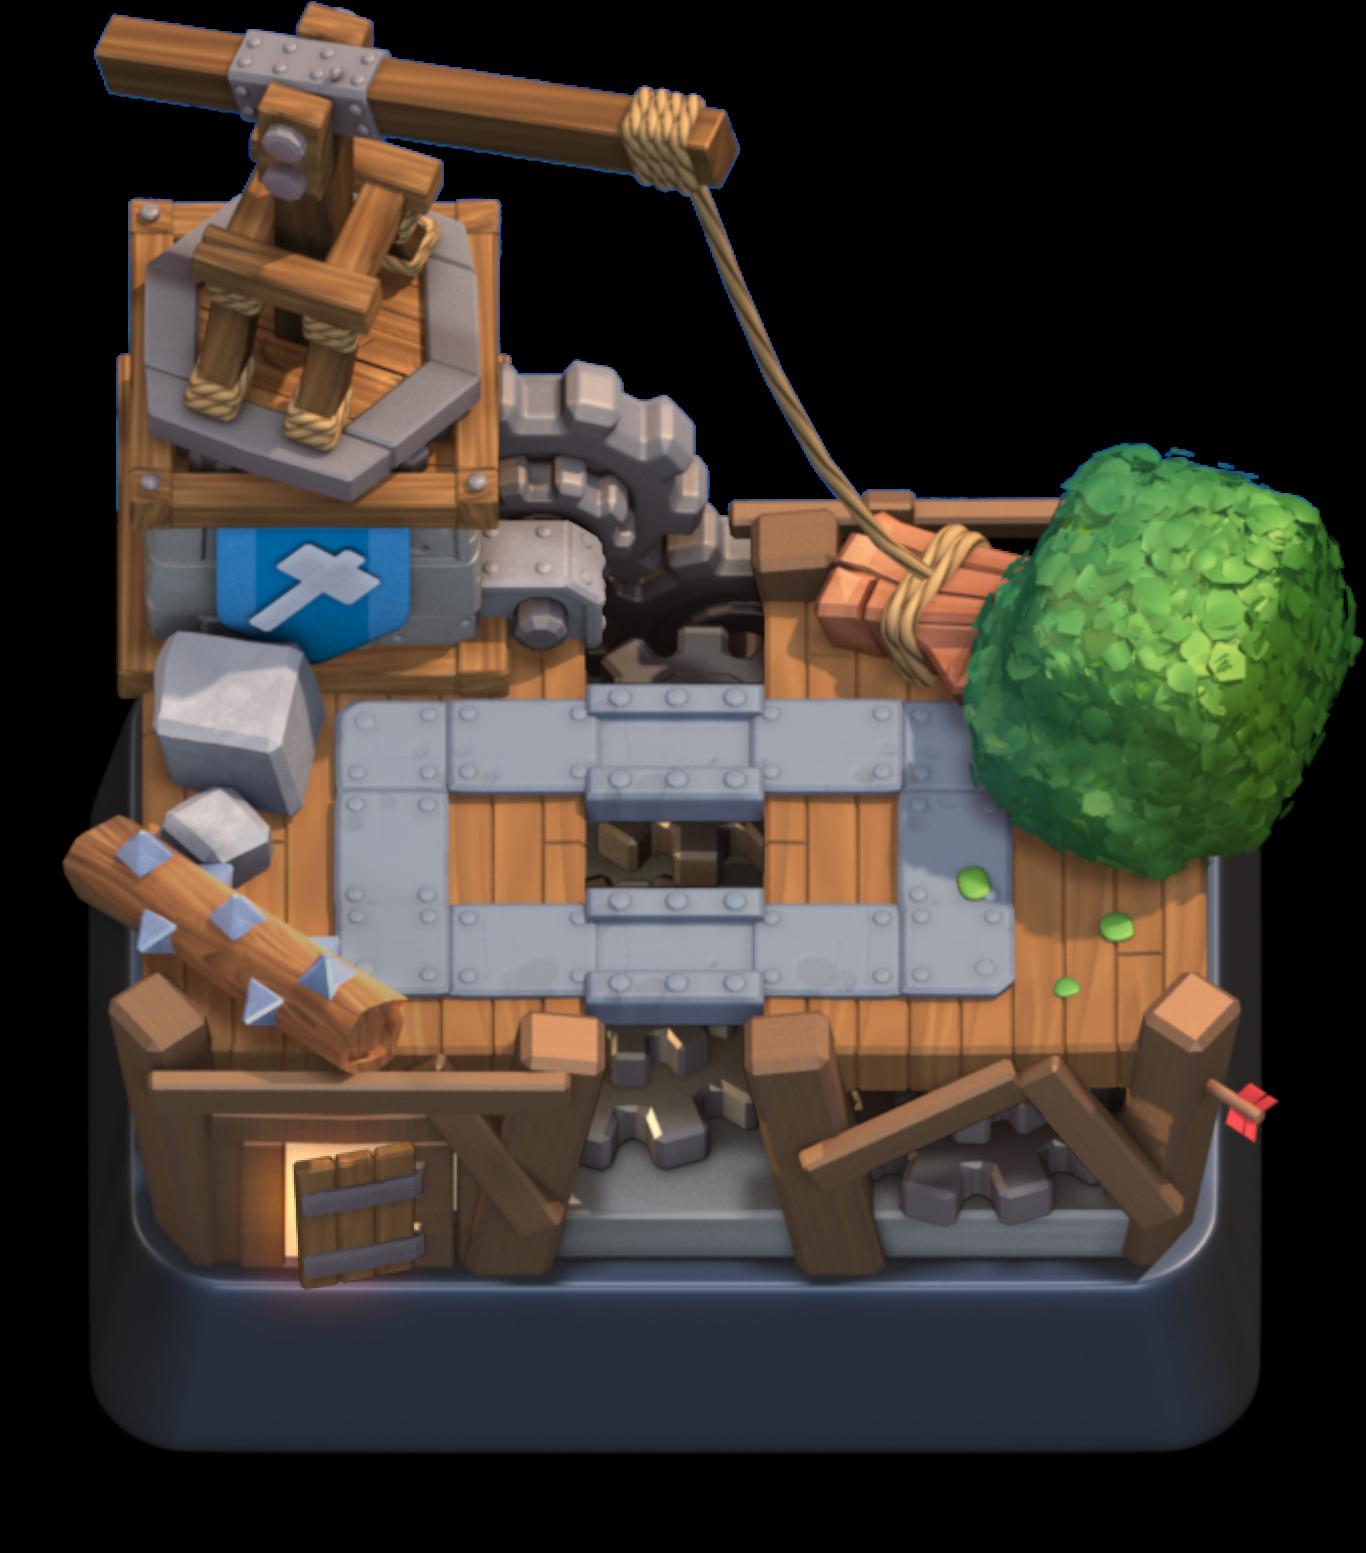 Fichier:Builder's Workshop.png